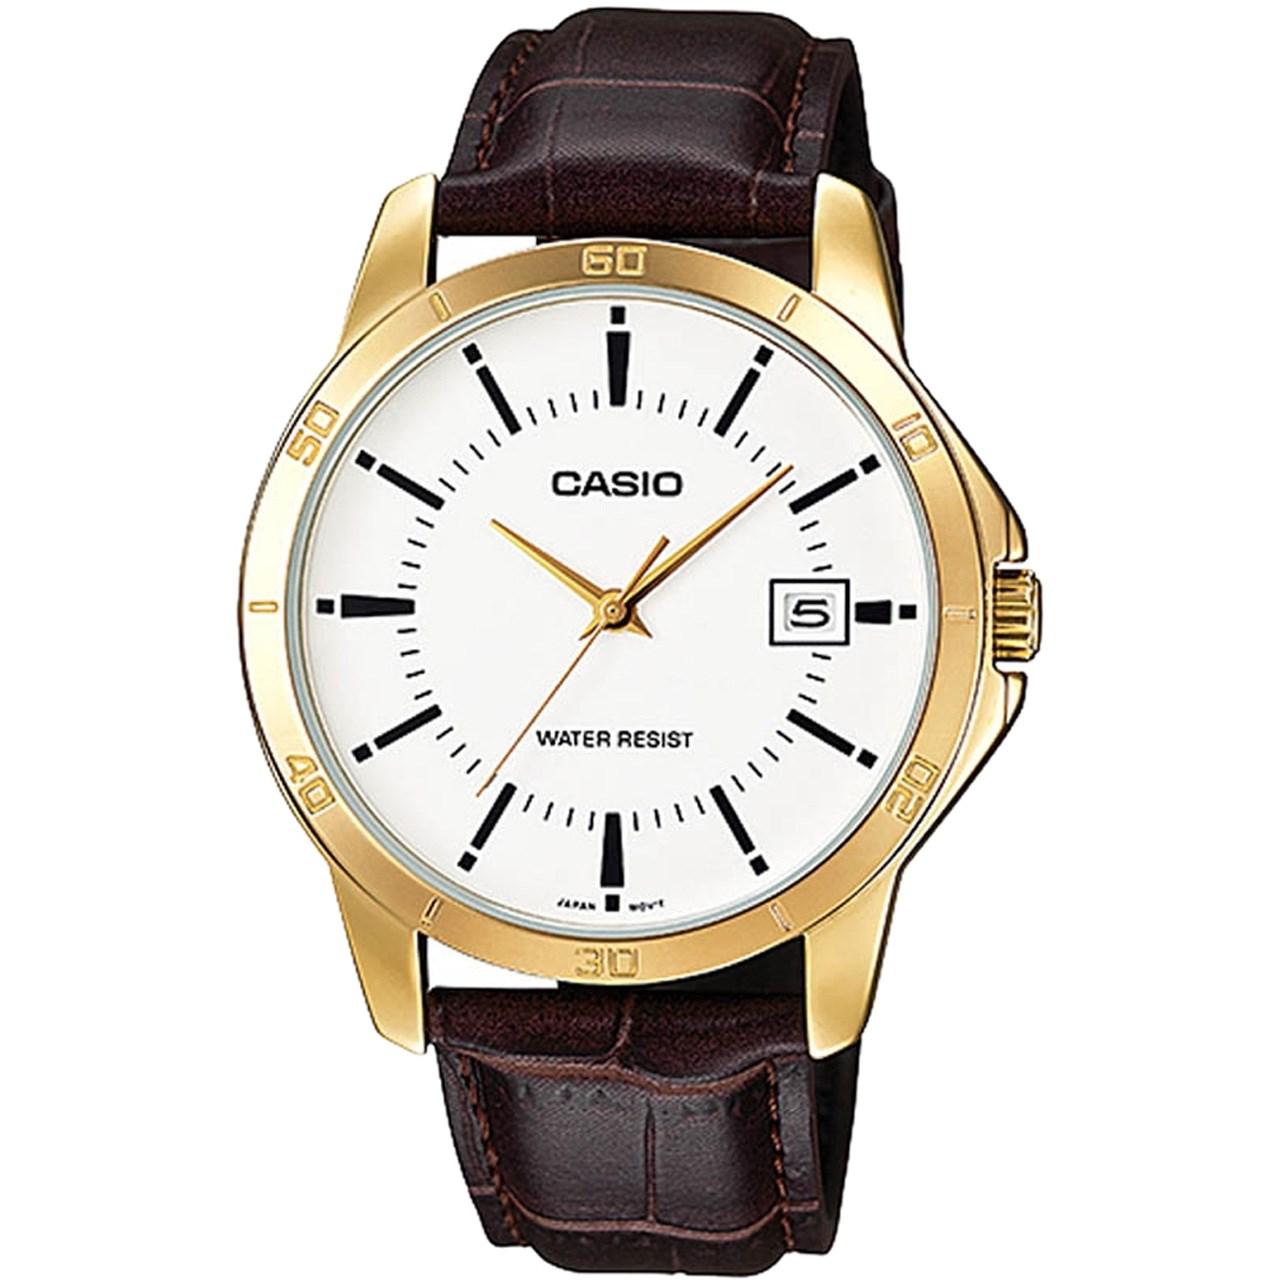 خرید ساعت مچی عقربه ای زنانه کاسیو مدل LTP-V004GL-7AUDF | ساعت مچی